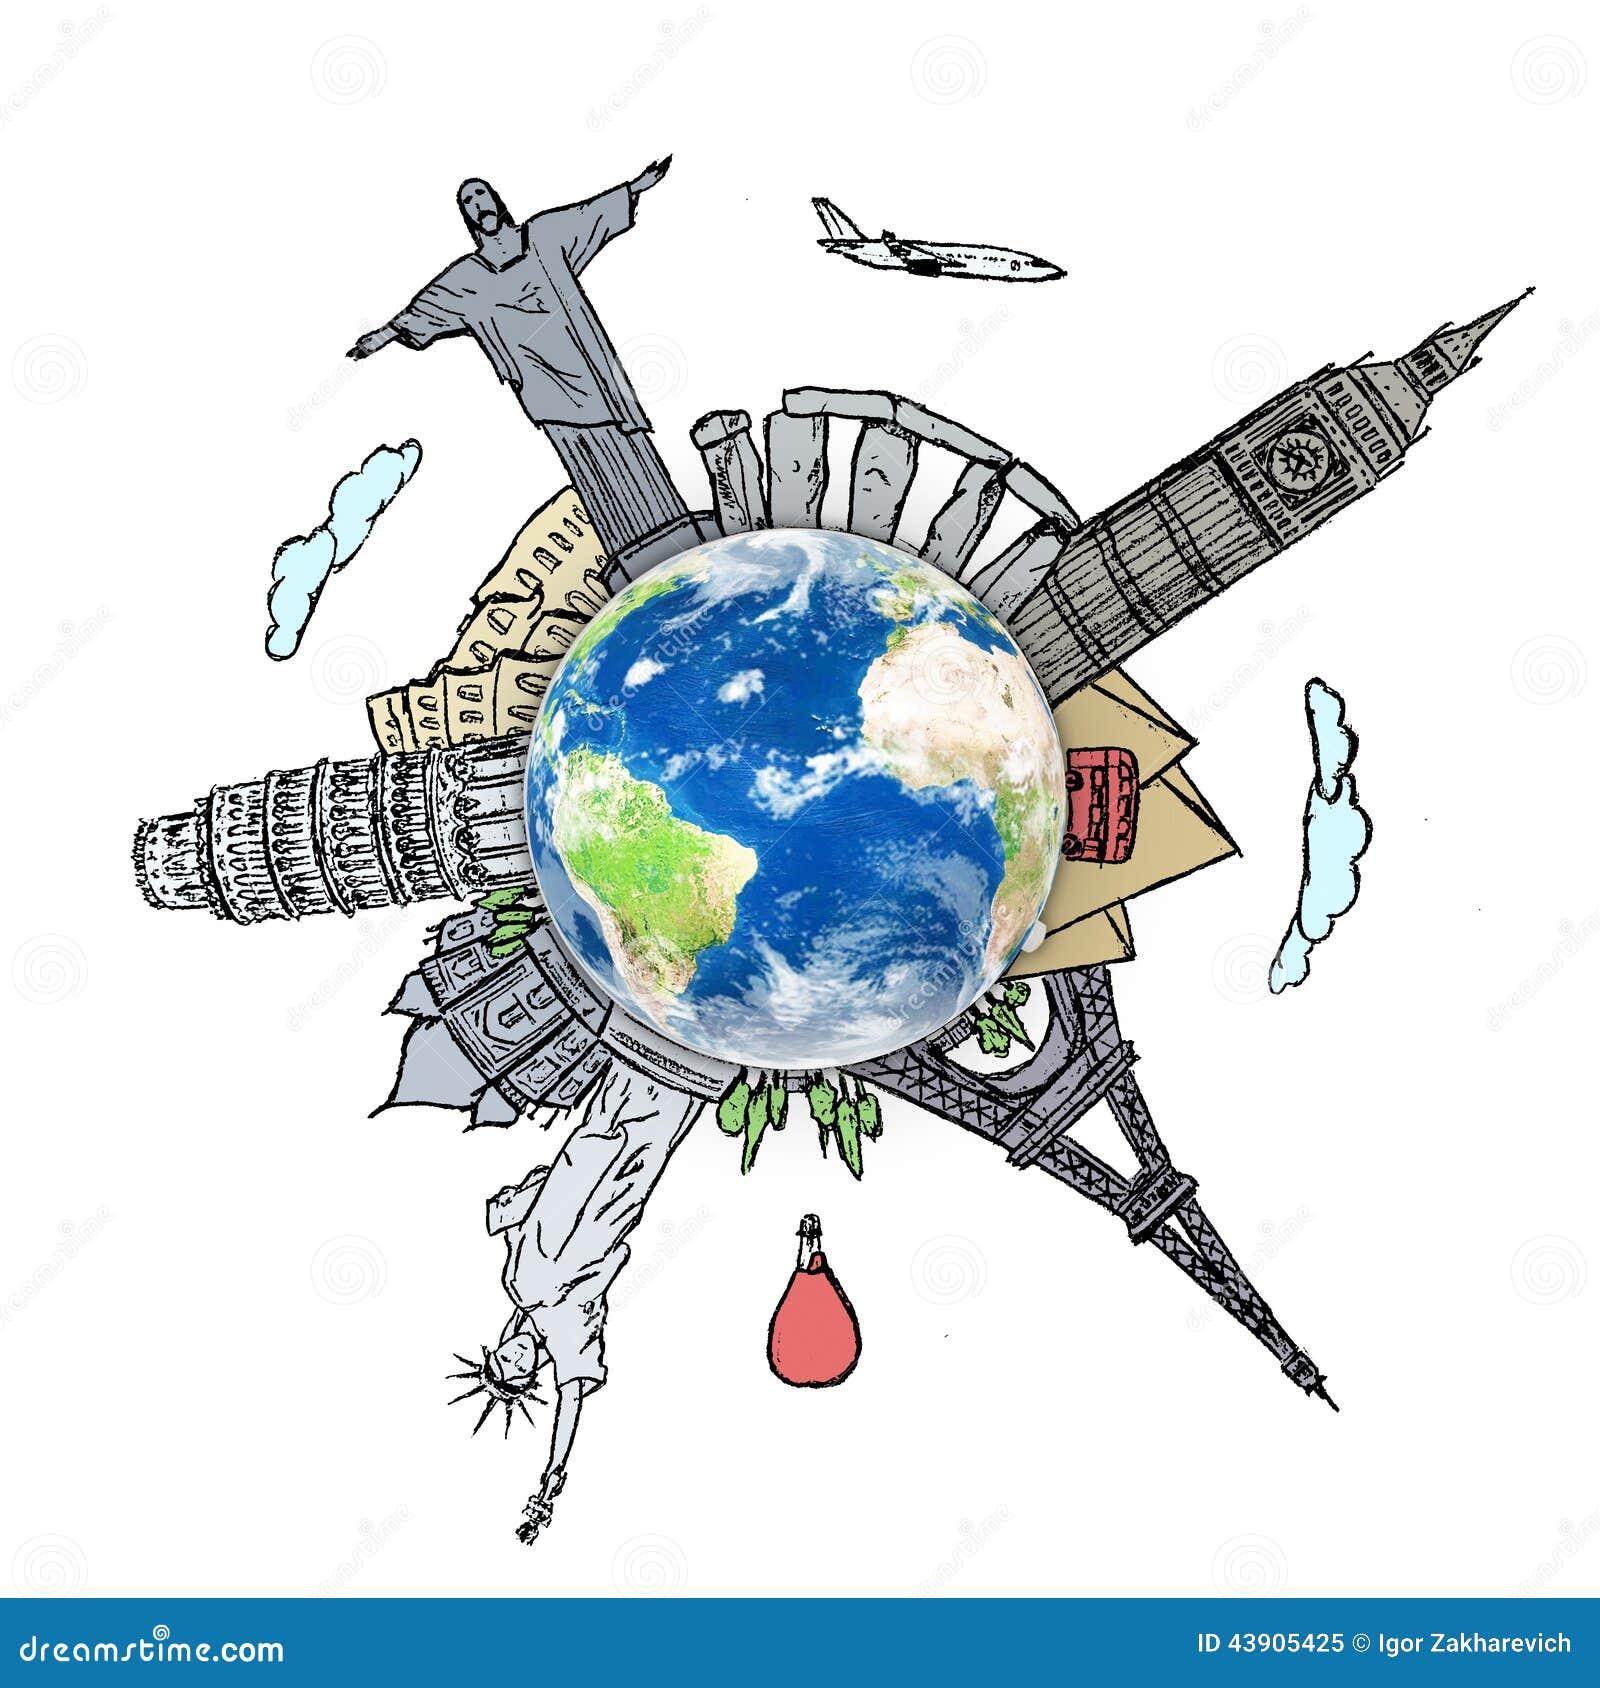 Dessin du voyage r veur autour du monde dans un tableau - Decoration voyage autour du monde ...